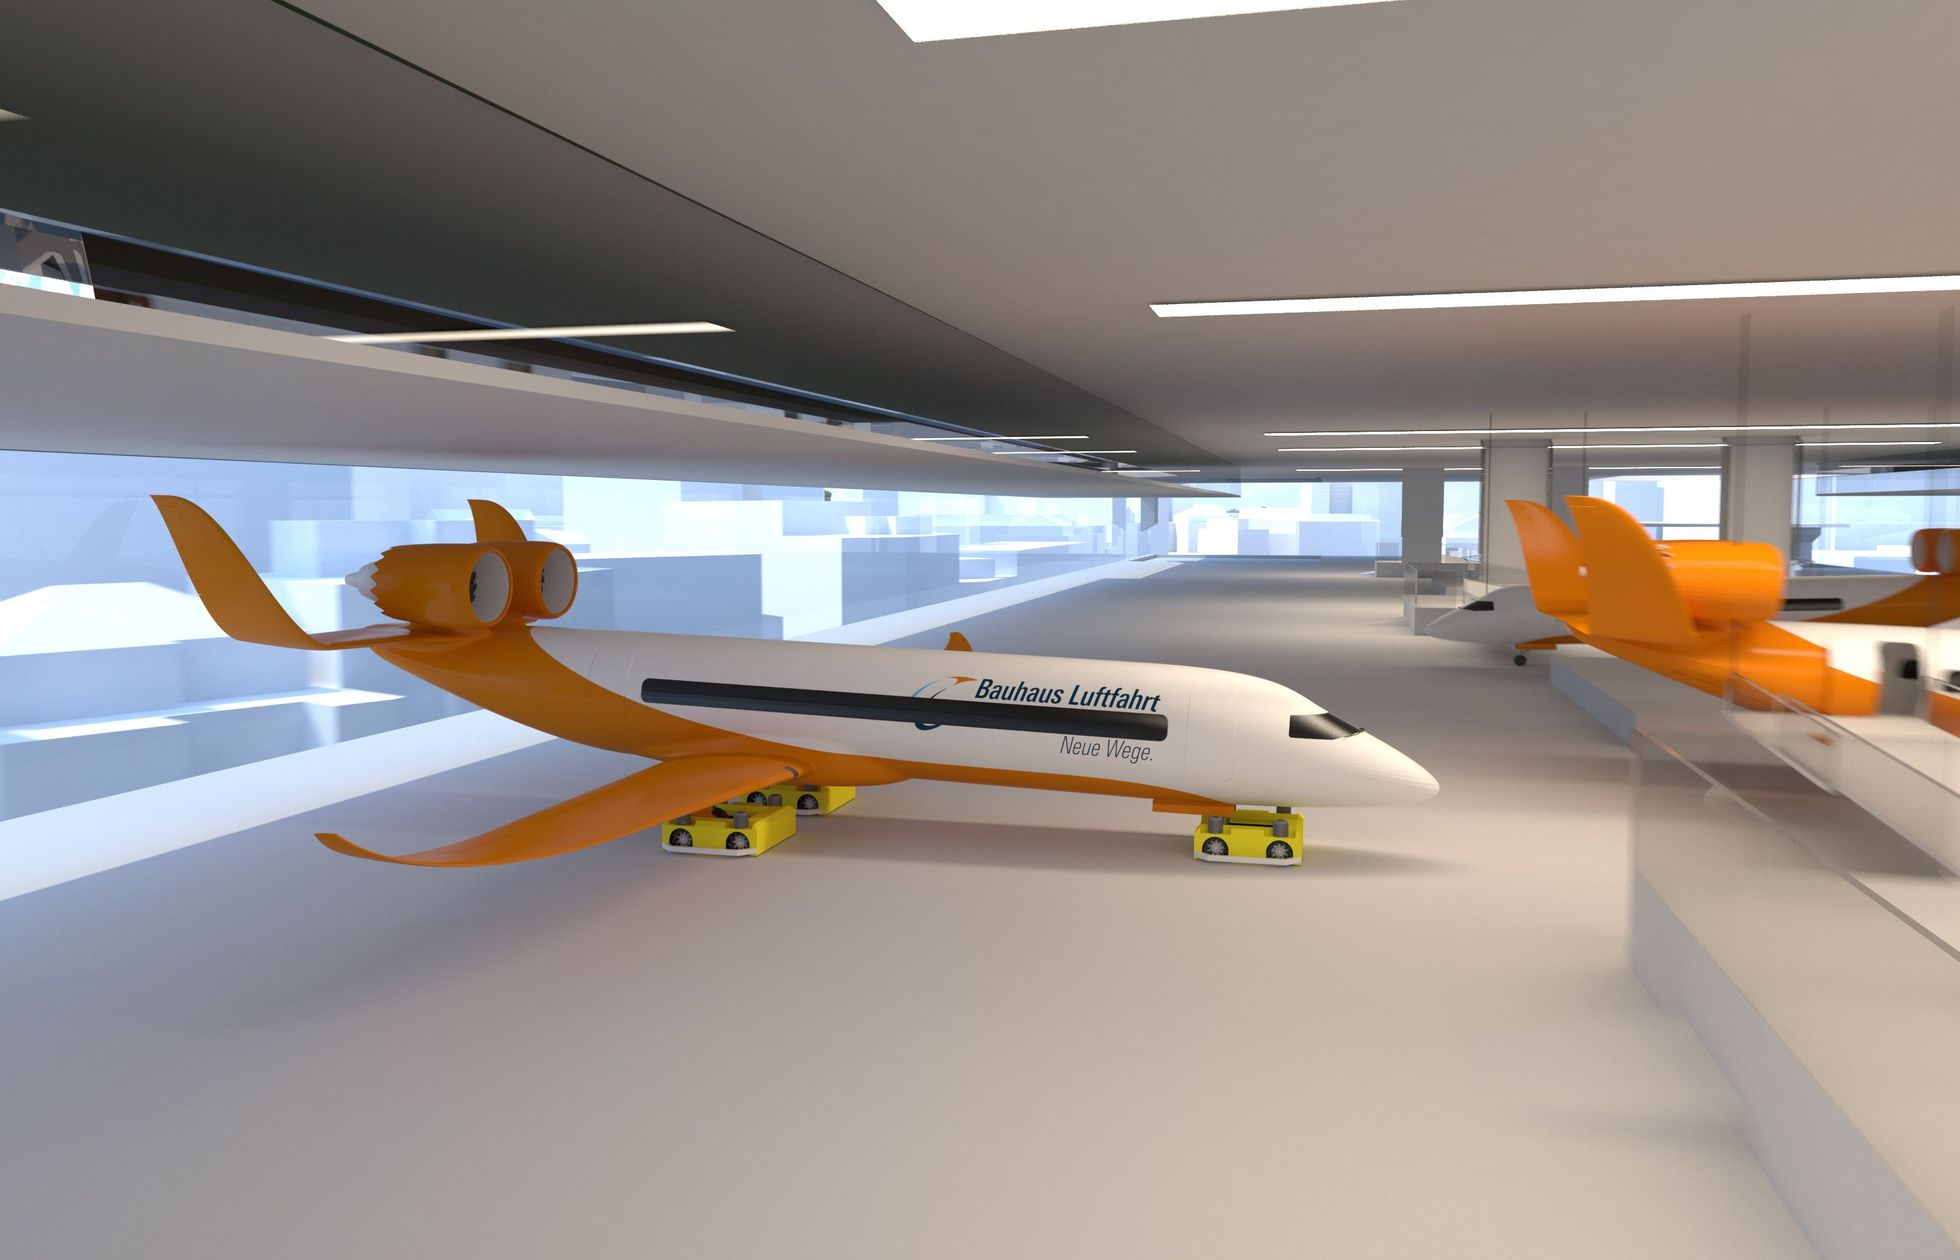 Centairstation: Ein fester Flugzeugträger auf den Gleisen - Das Konzept der vertikalen Integration... (Bild: Bauhaus Luftfahrt)